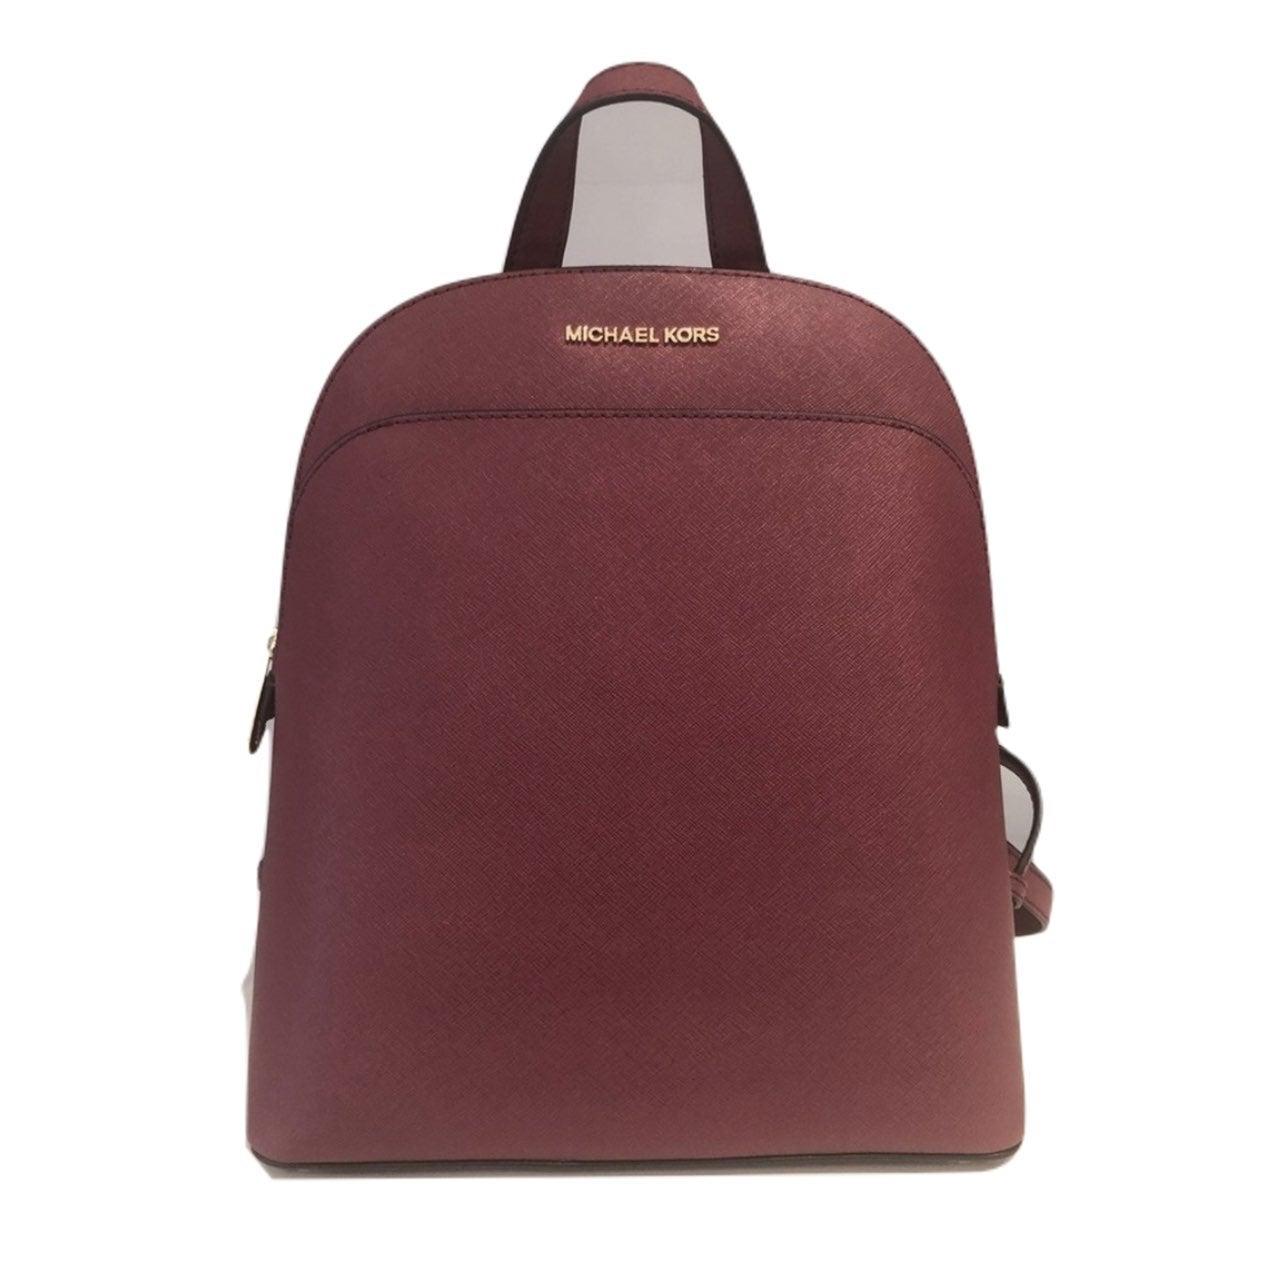 Michael Kors Large Emmy Backpack $368.00